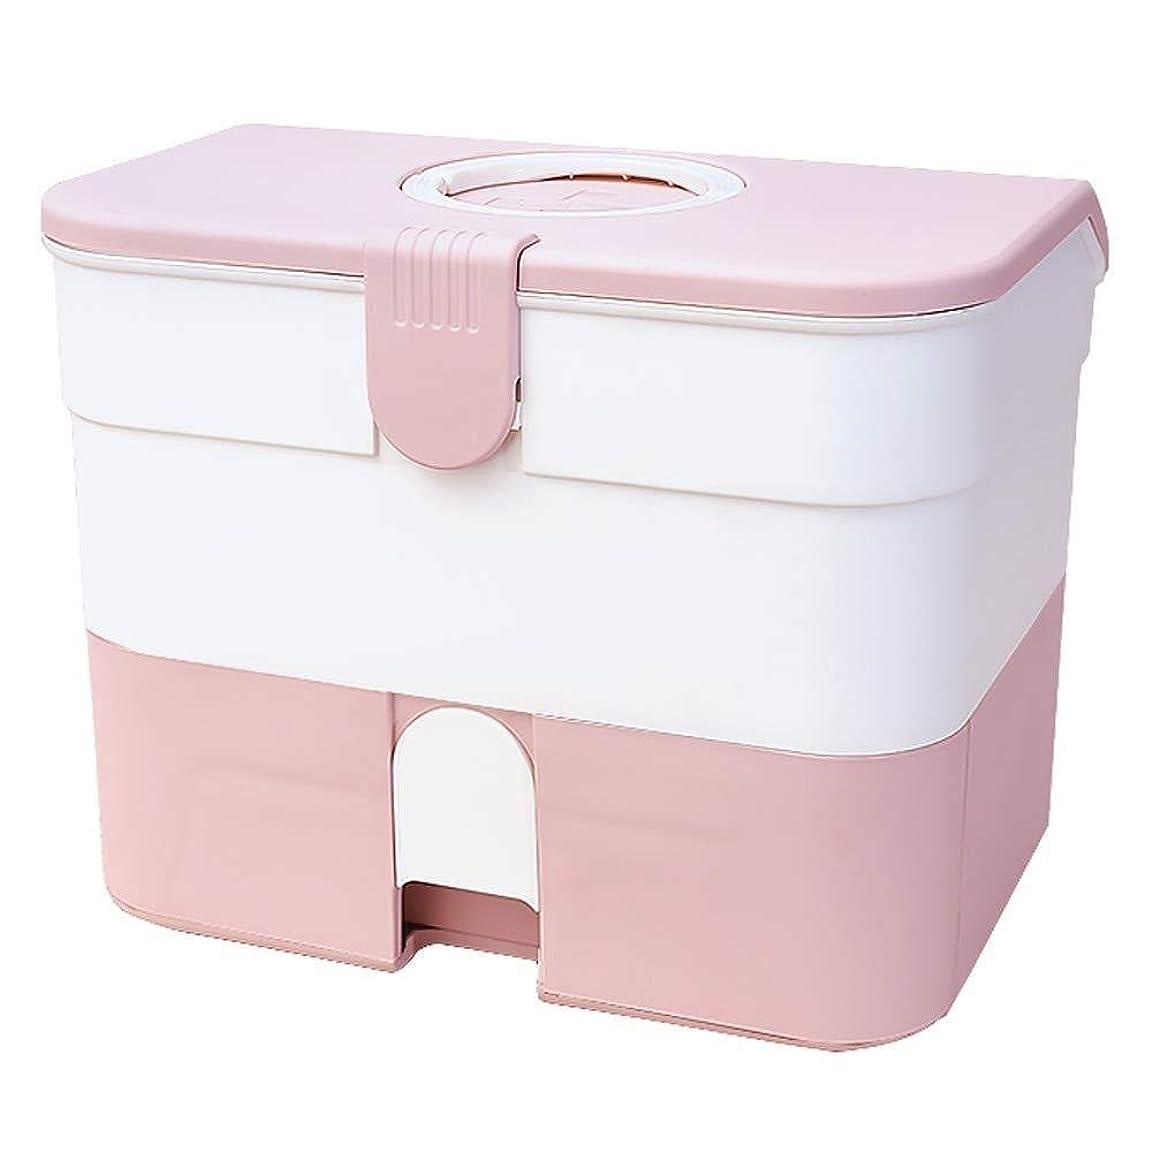 年入射交通渋滞救急キット旅行 応急処置ボックス、ドラッグ収納ボックス医療ボックスポータブル大容量ダブル、薬箱家庭用薬収納ボックス (Color : Pink)